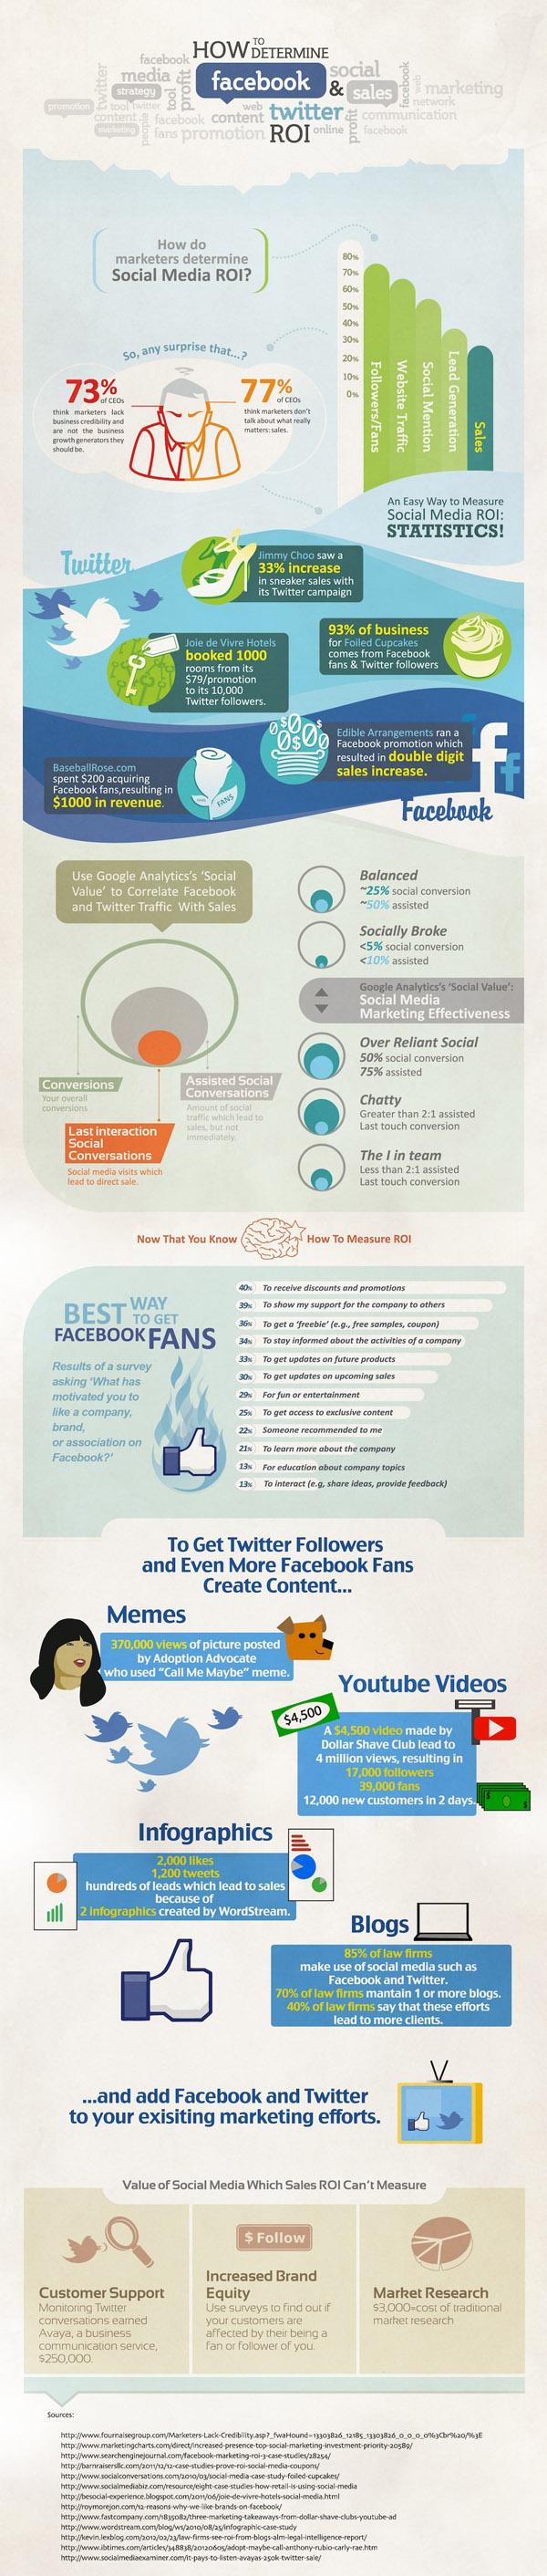 RoI en Facebook y Twitter